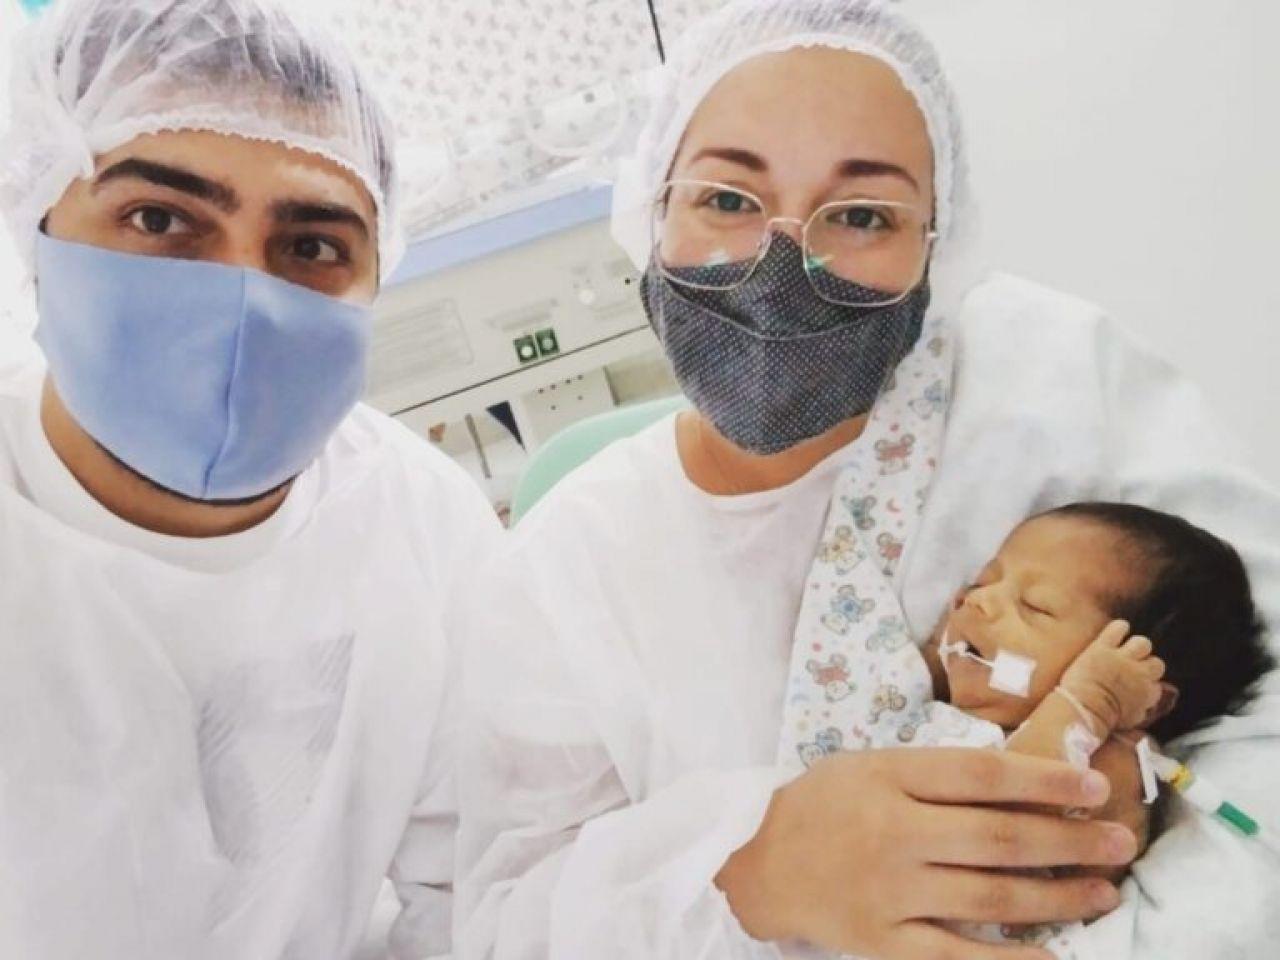 Recém nascida se encontra internada há 1 mês em UTI e família promove venda de rifas para custear hospital